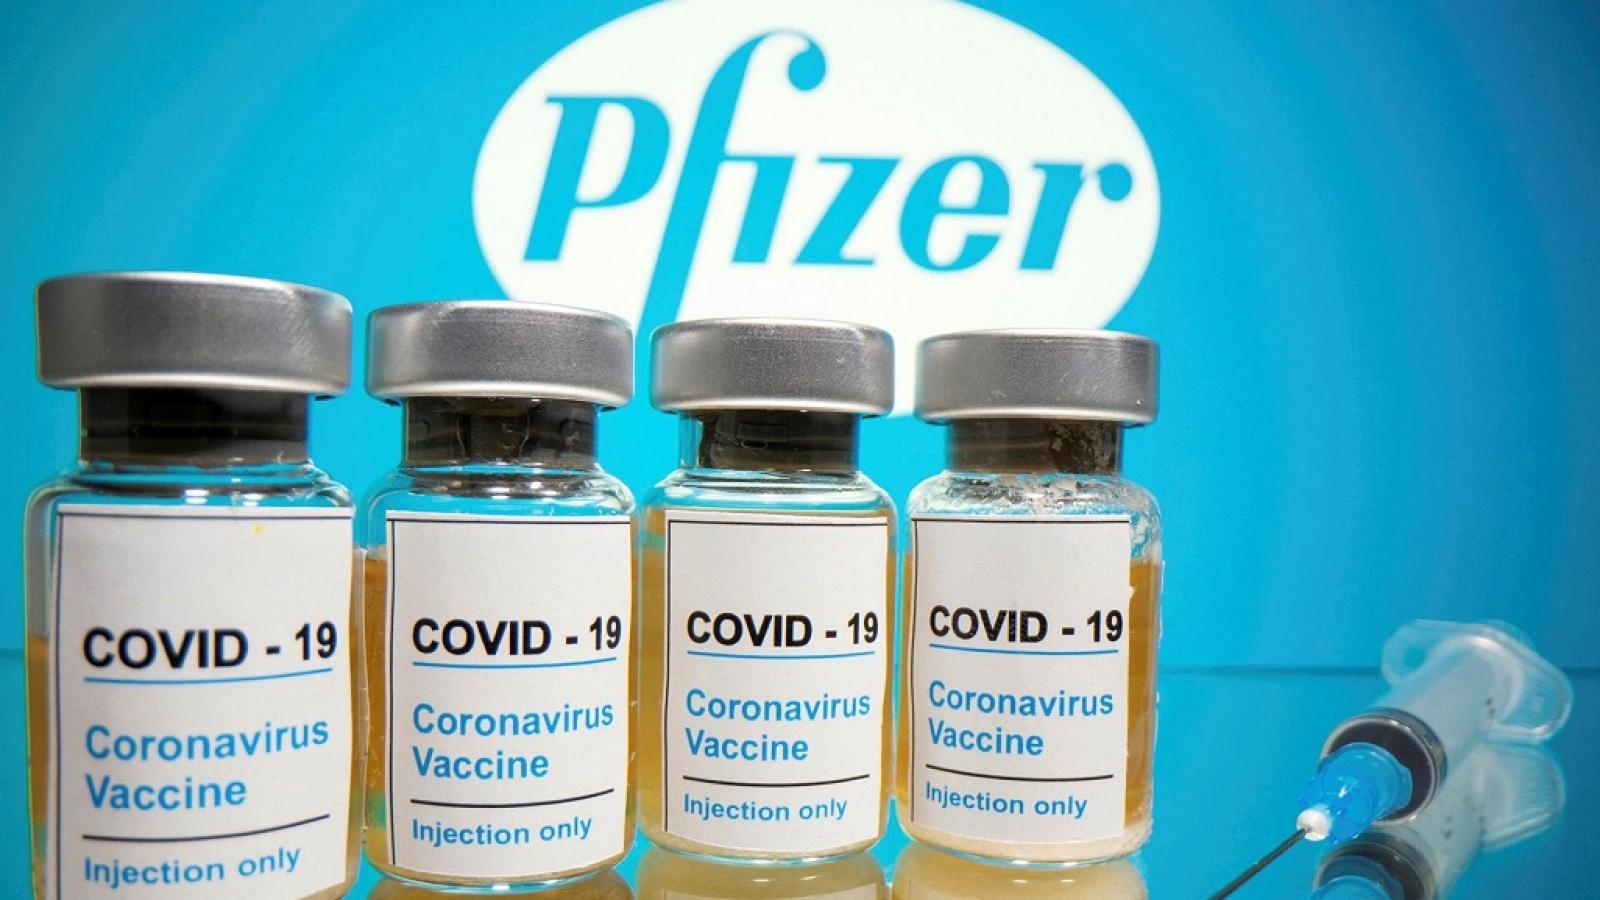 Gần 9 triệu dân Mỹ được tiêm liều vaccine đầu tiên ngừa COVID-19